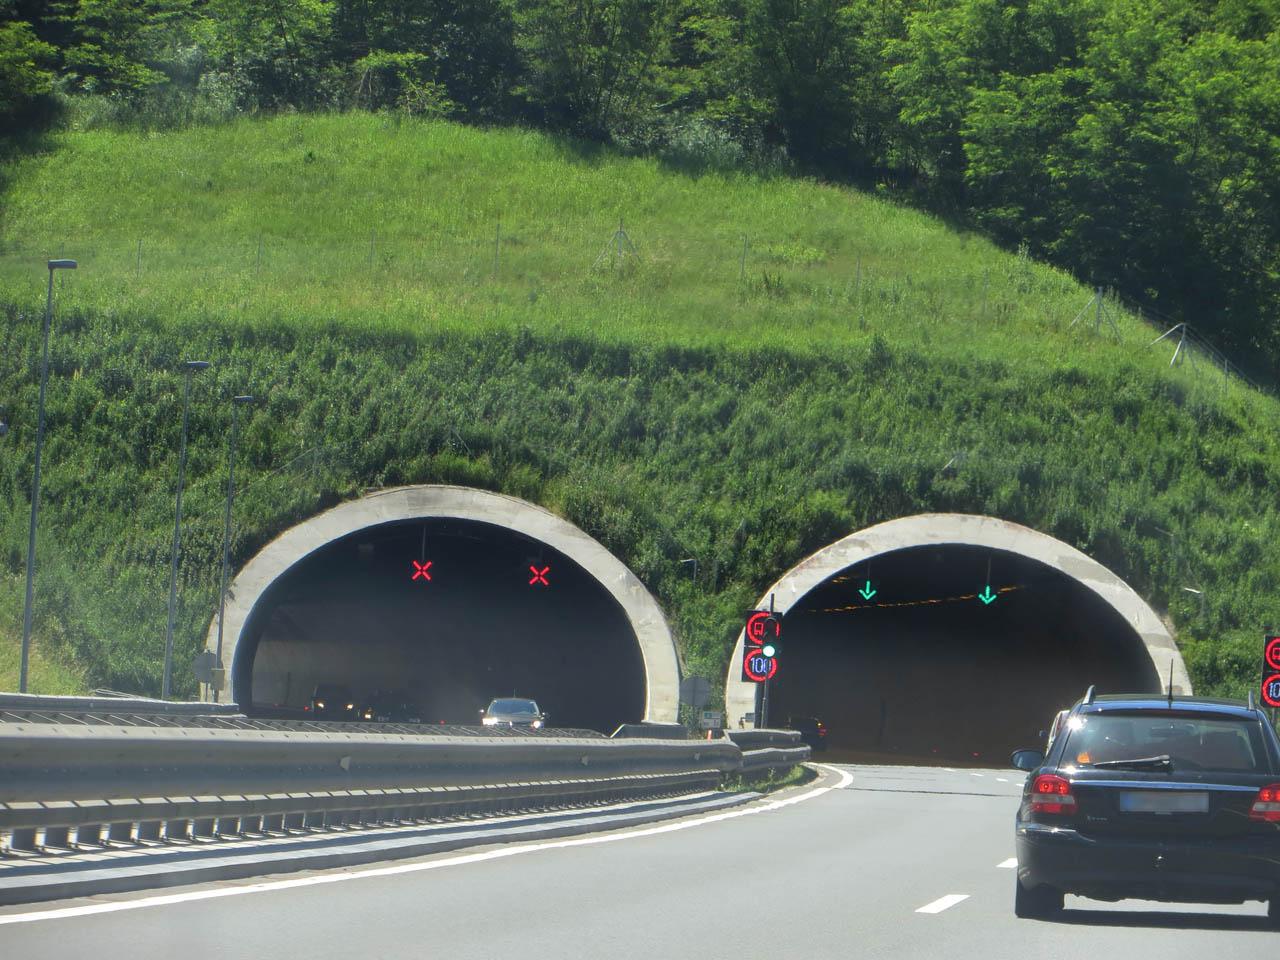 tunnelgeb hren auf dem weg nach kroatien alle tunnels. Black Bedroom Furniture Sets. Home Design Ideas